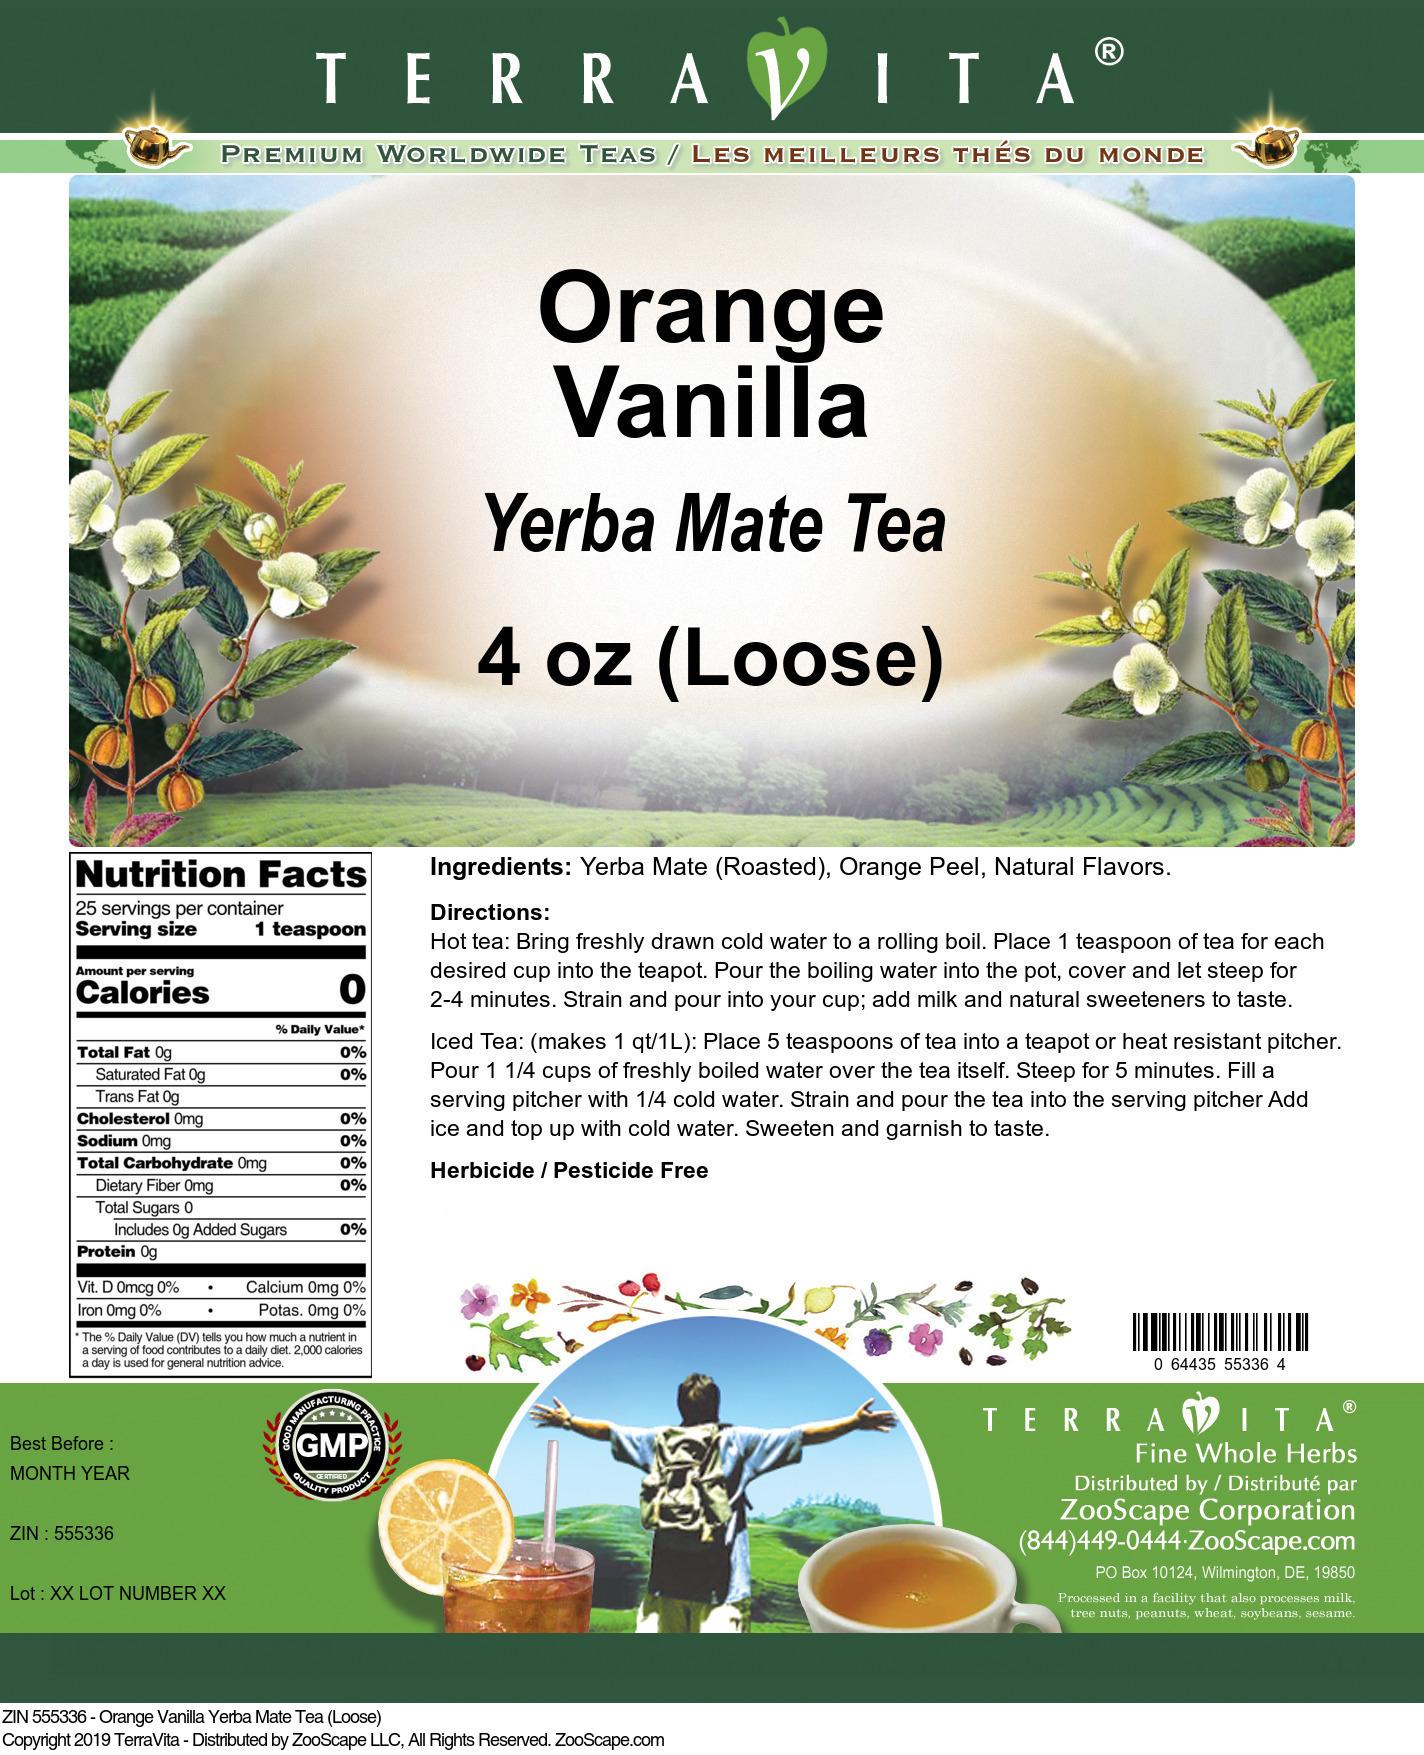 Orange Vanilla Yerba Mate